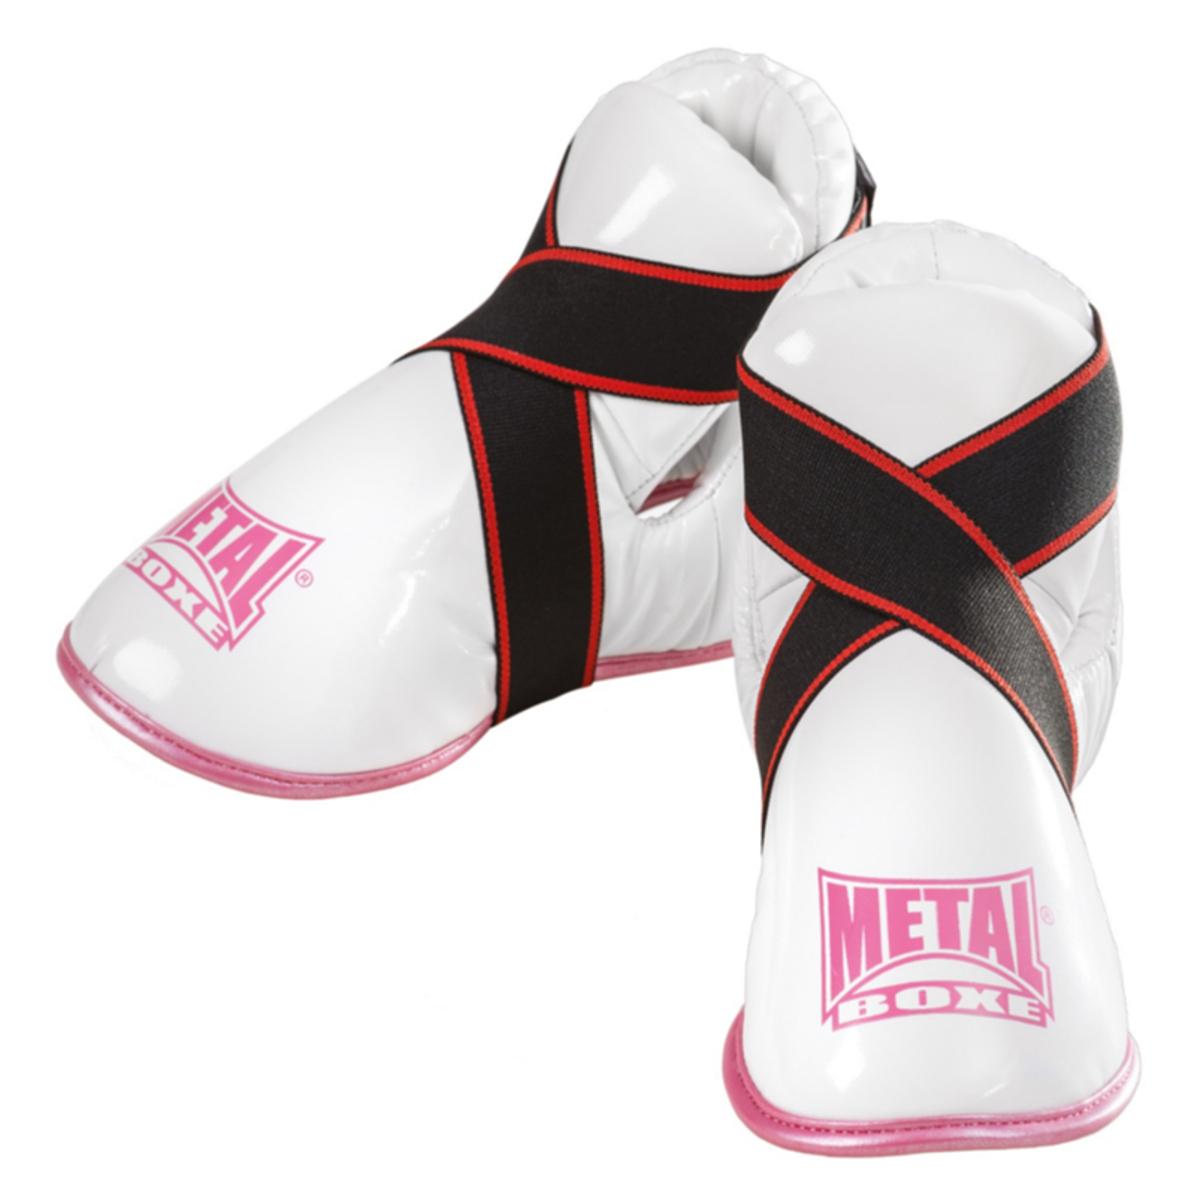 Protège pieds Métal boxe Blanc et Rose